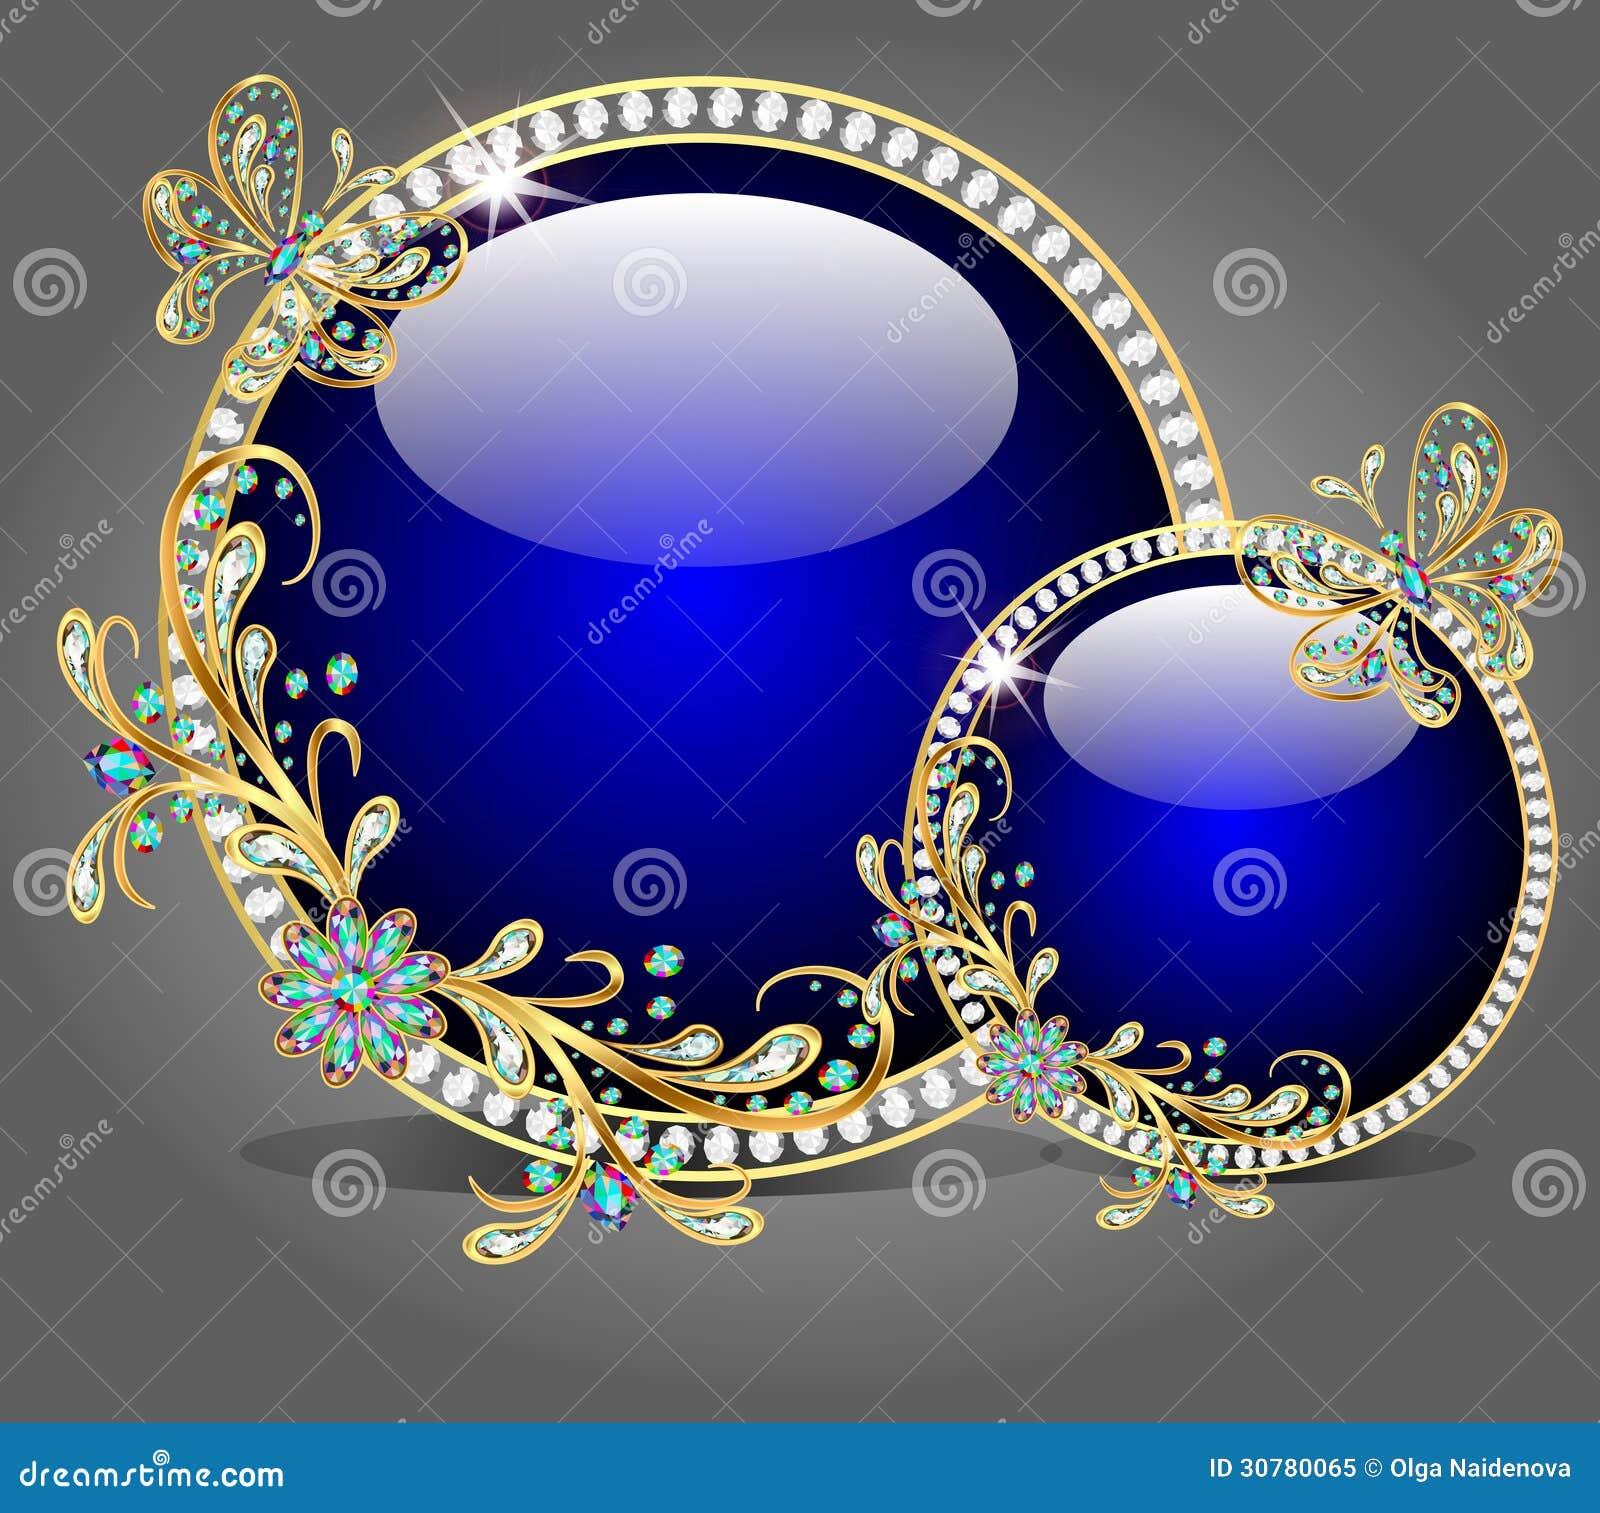 Del bol de vidrio dos con las mariposas hechas de piedra - Bol de vidrio ...